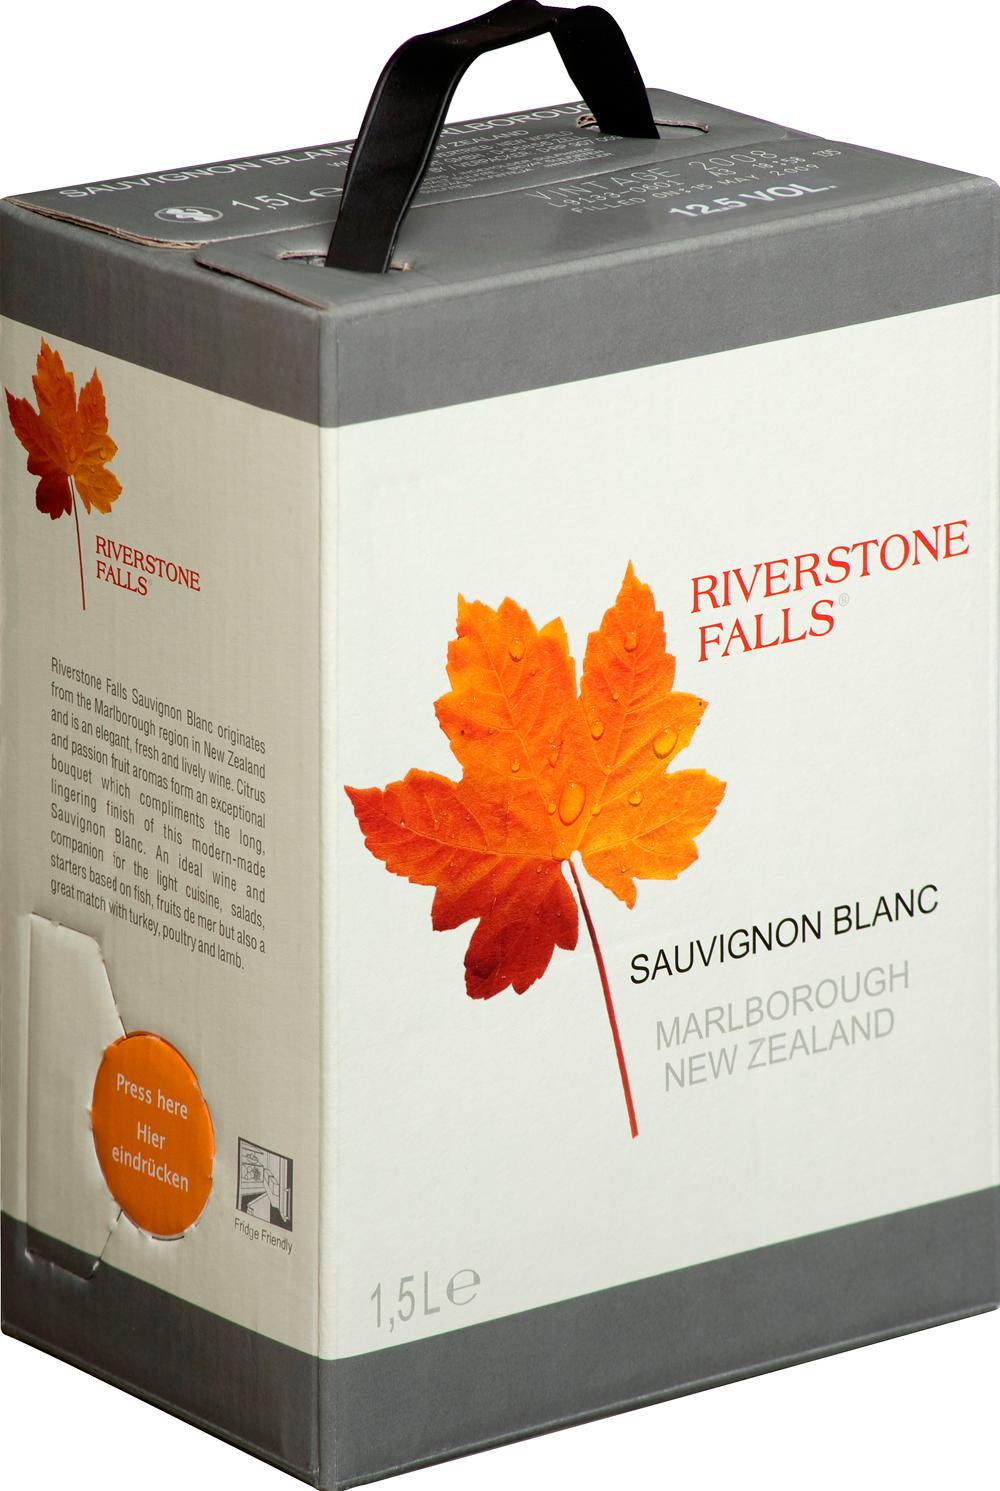 VINO - NZ - Riverstone 0906 Box.jpg